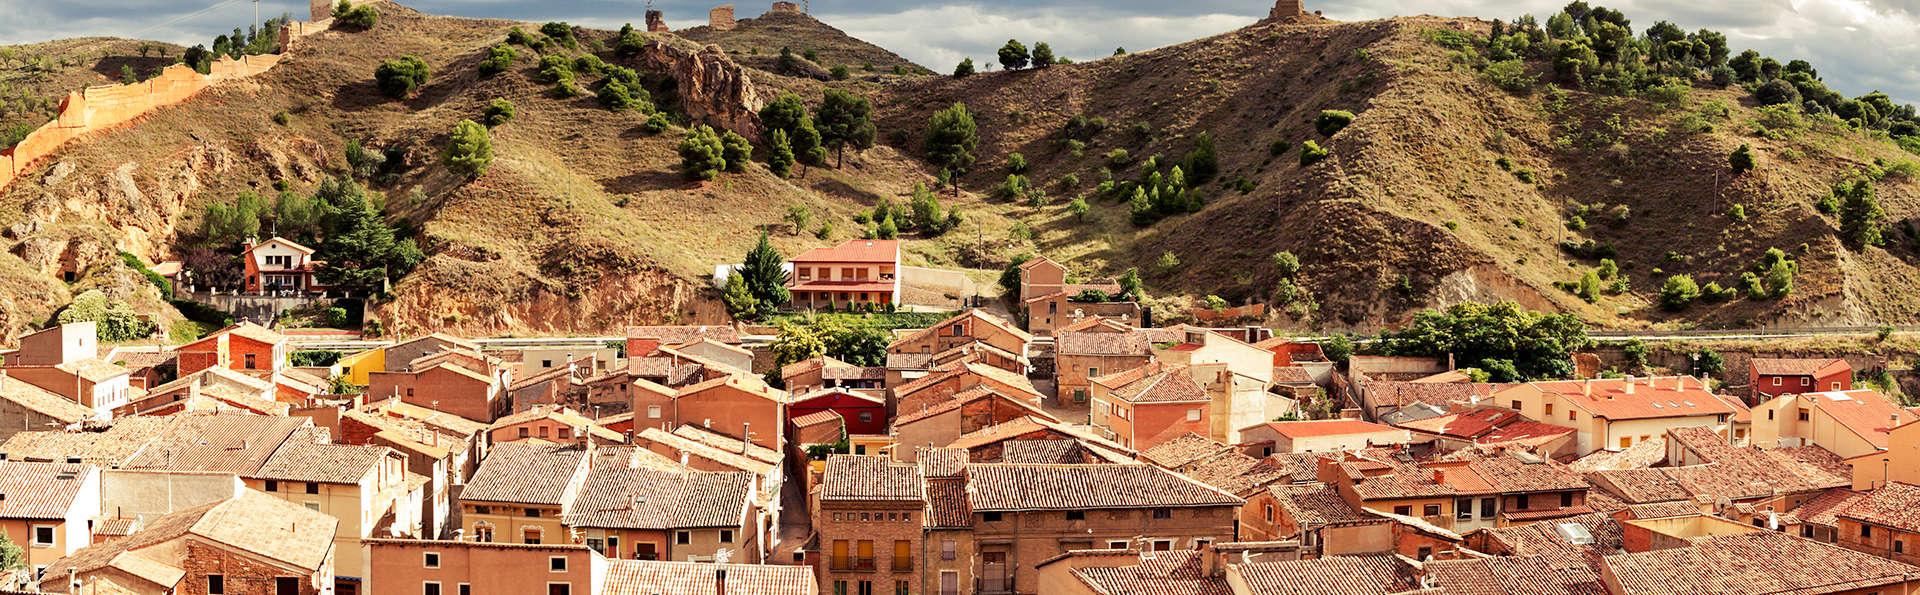 Spécial Peuples médiévaux d'Aragon : Dîner à Daroca, à tomber sous le charme (à partir de 2 nuits)